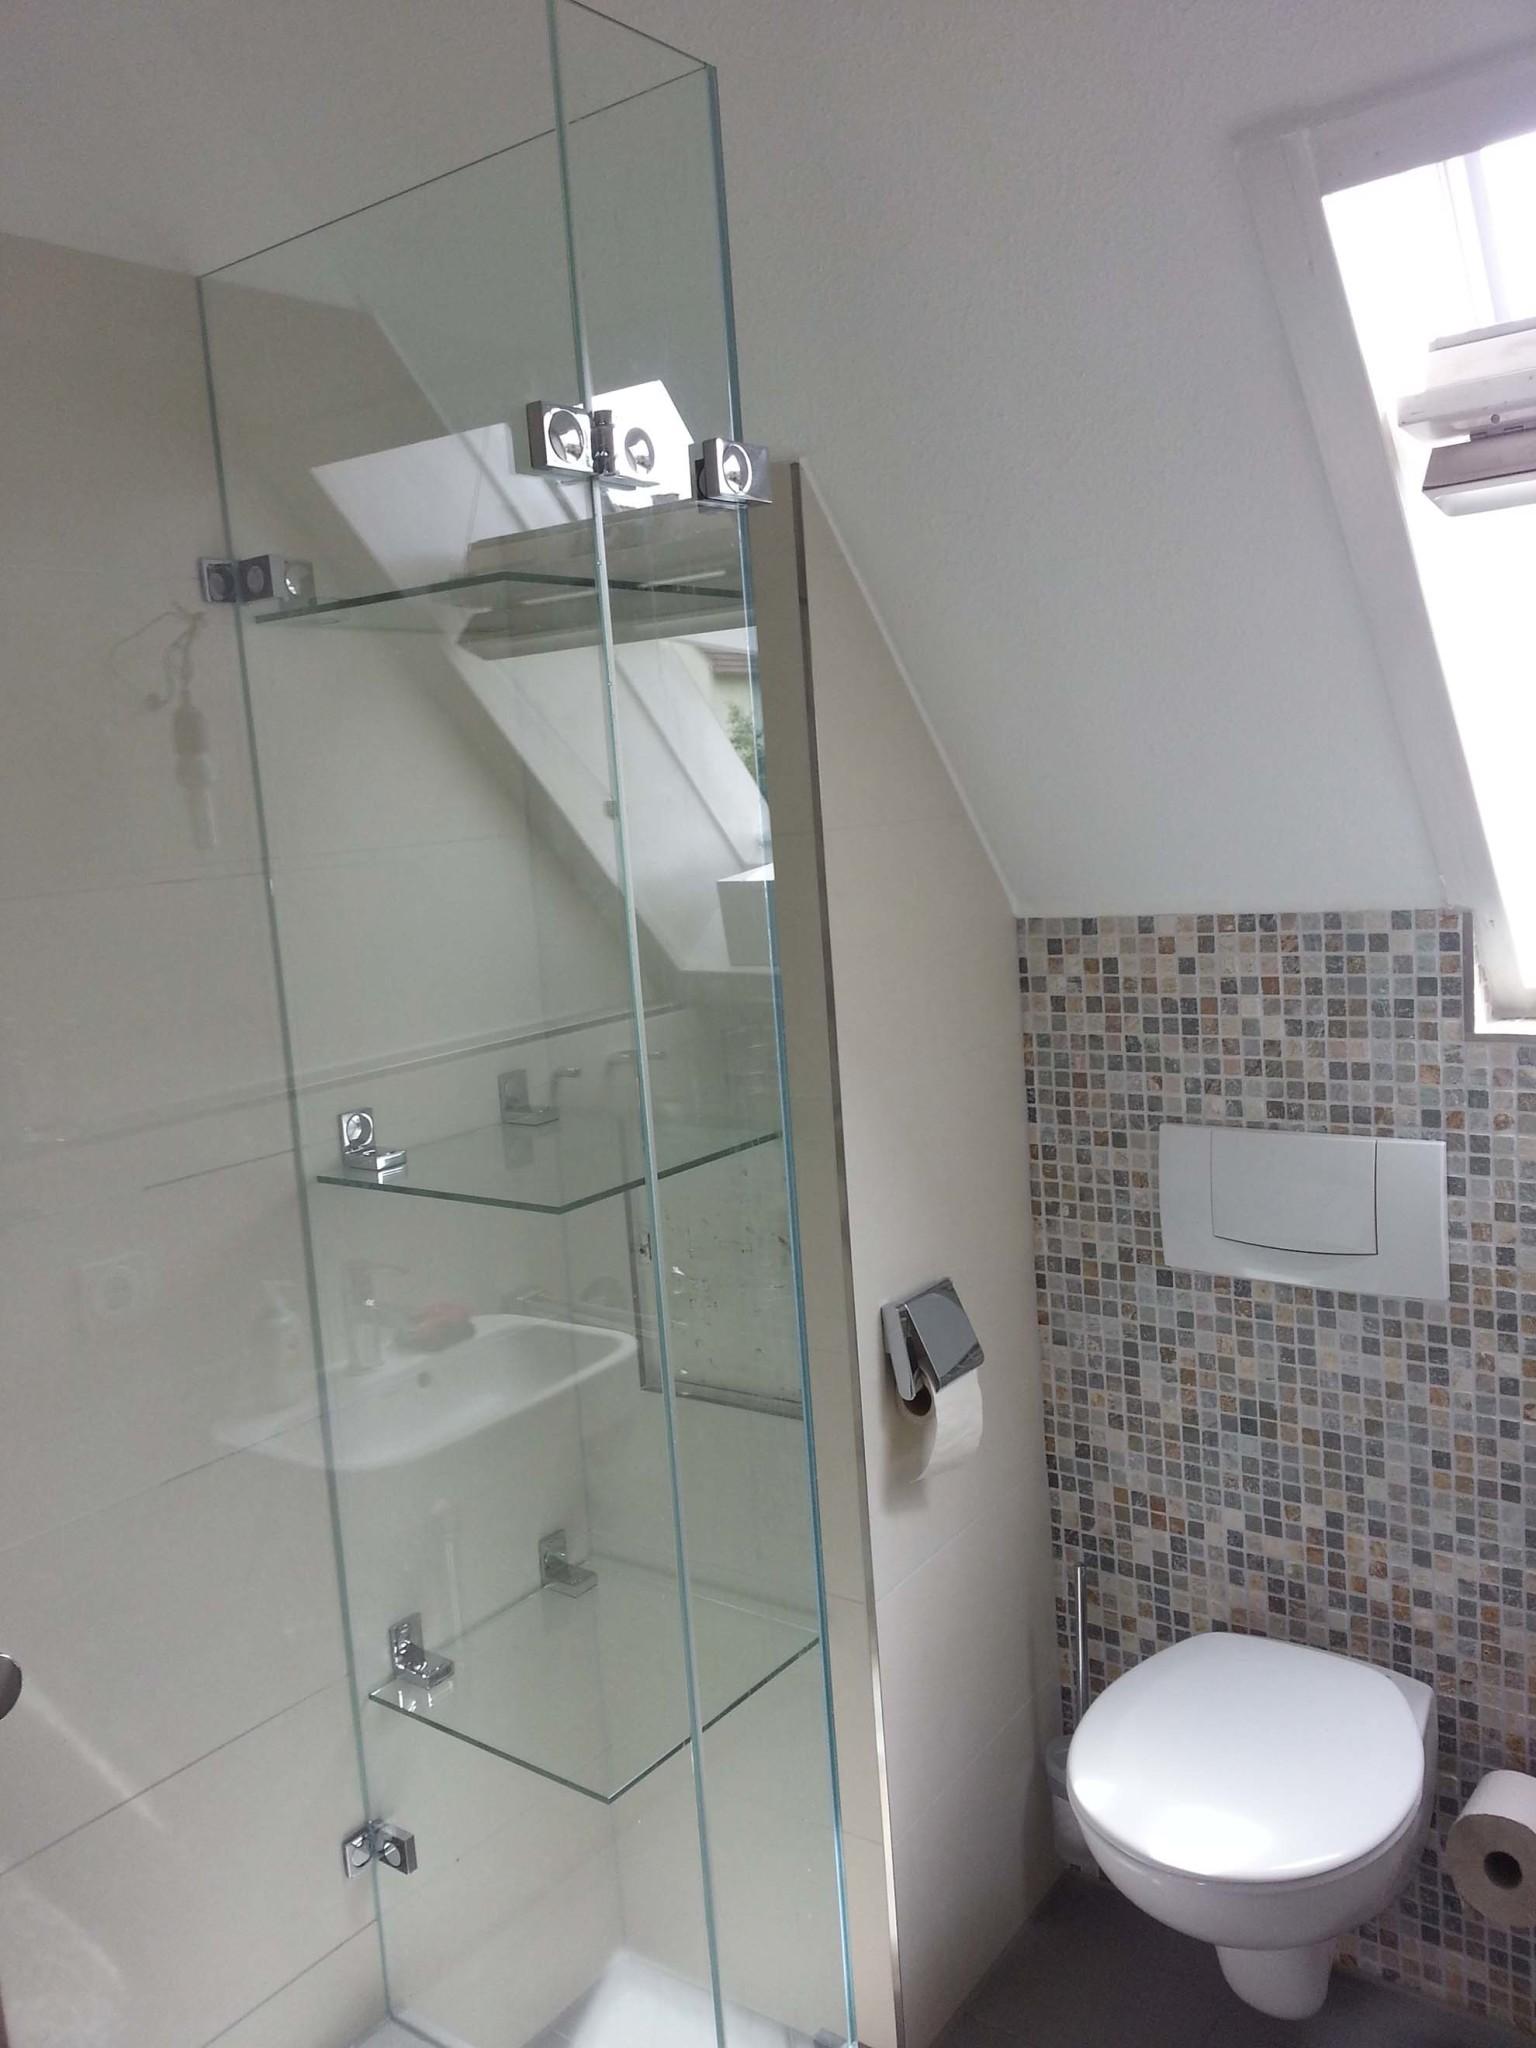 Duschkabine-mit-angeschlossenen-Glasablagen